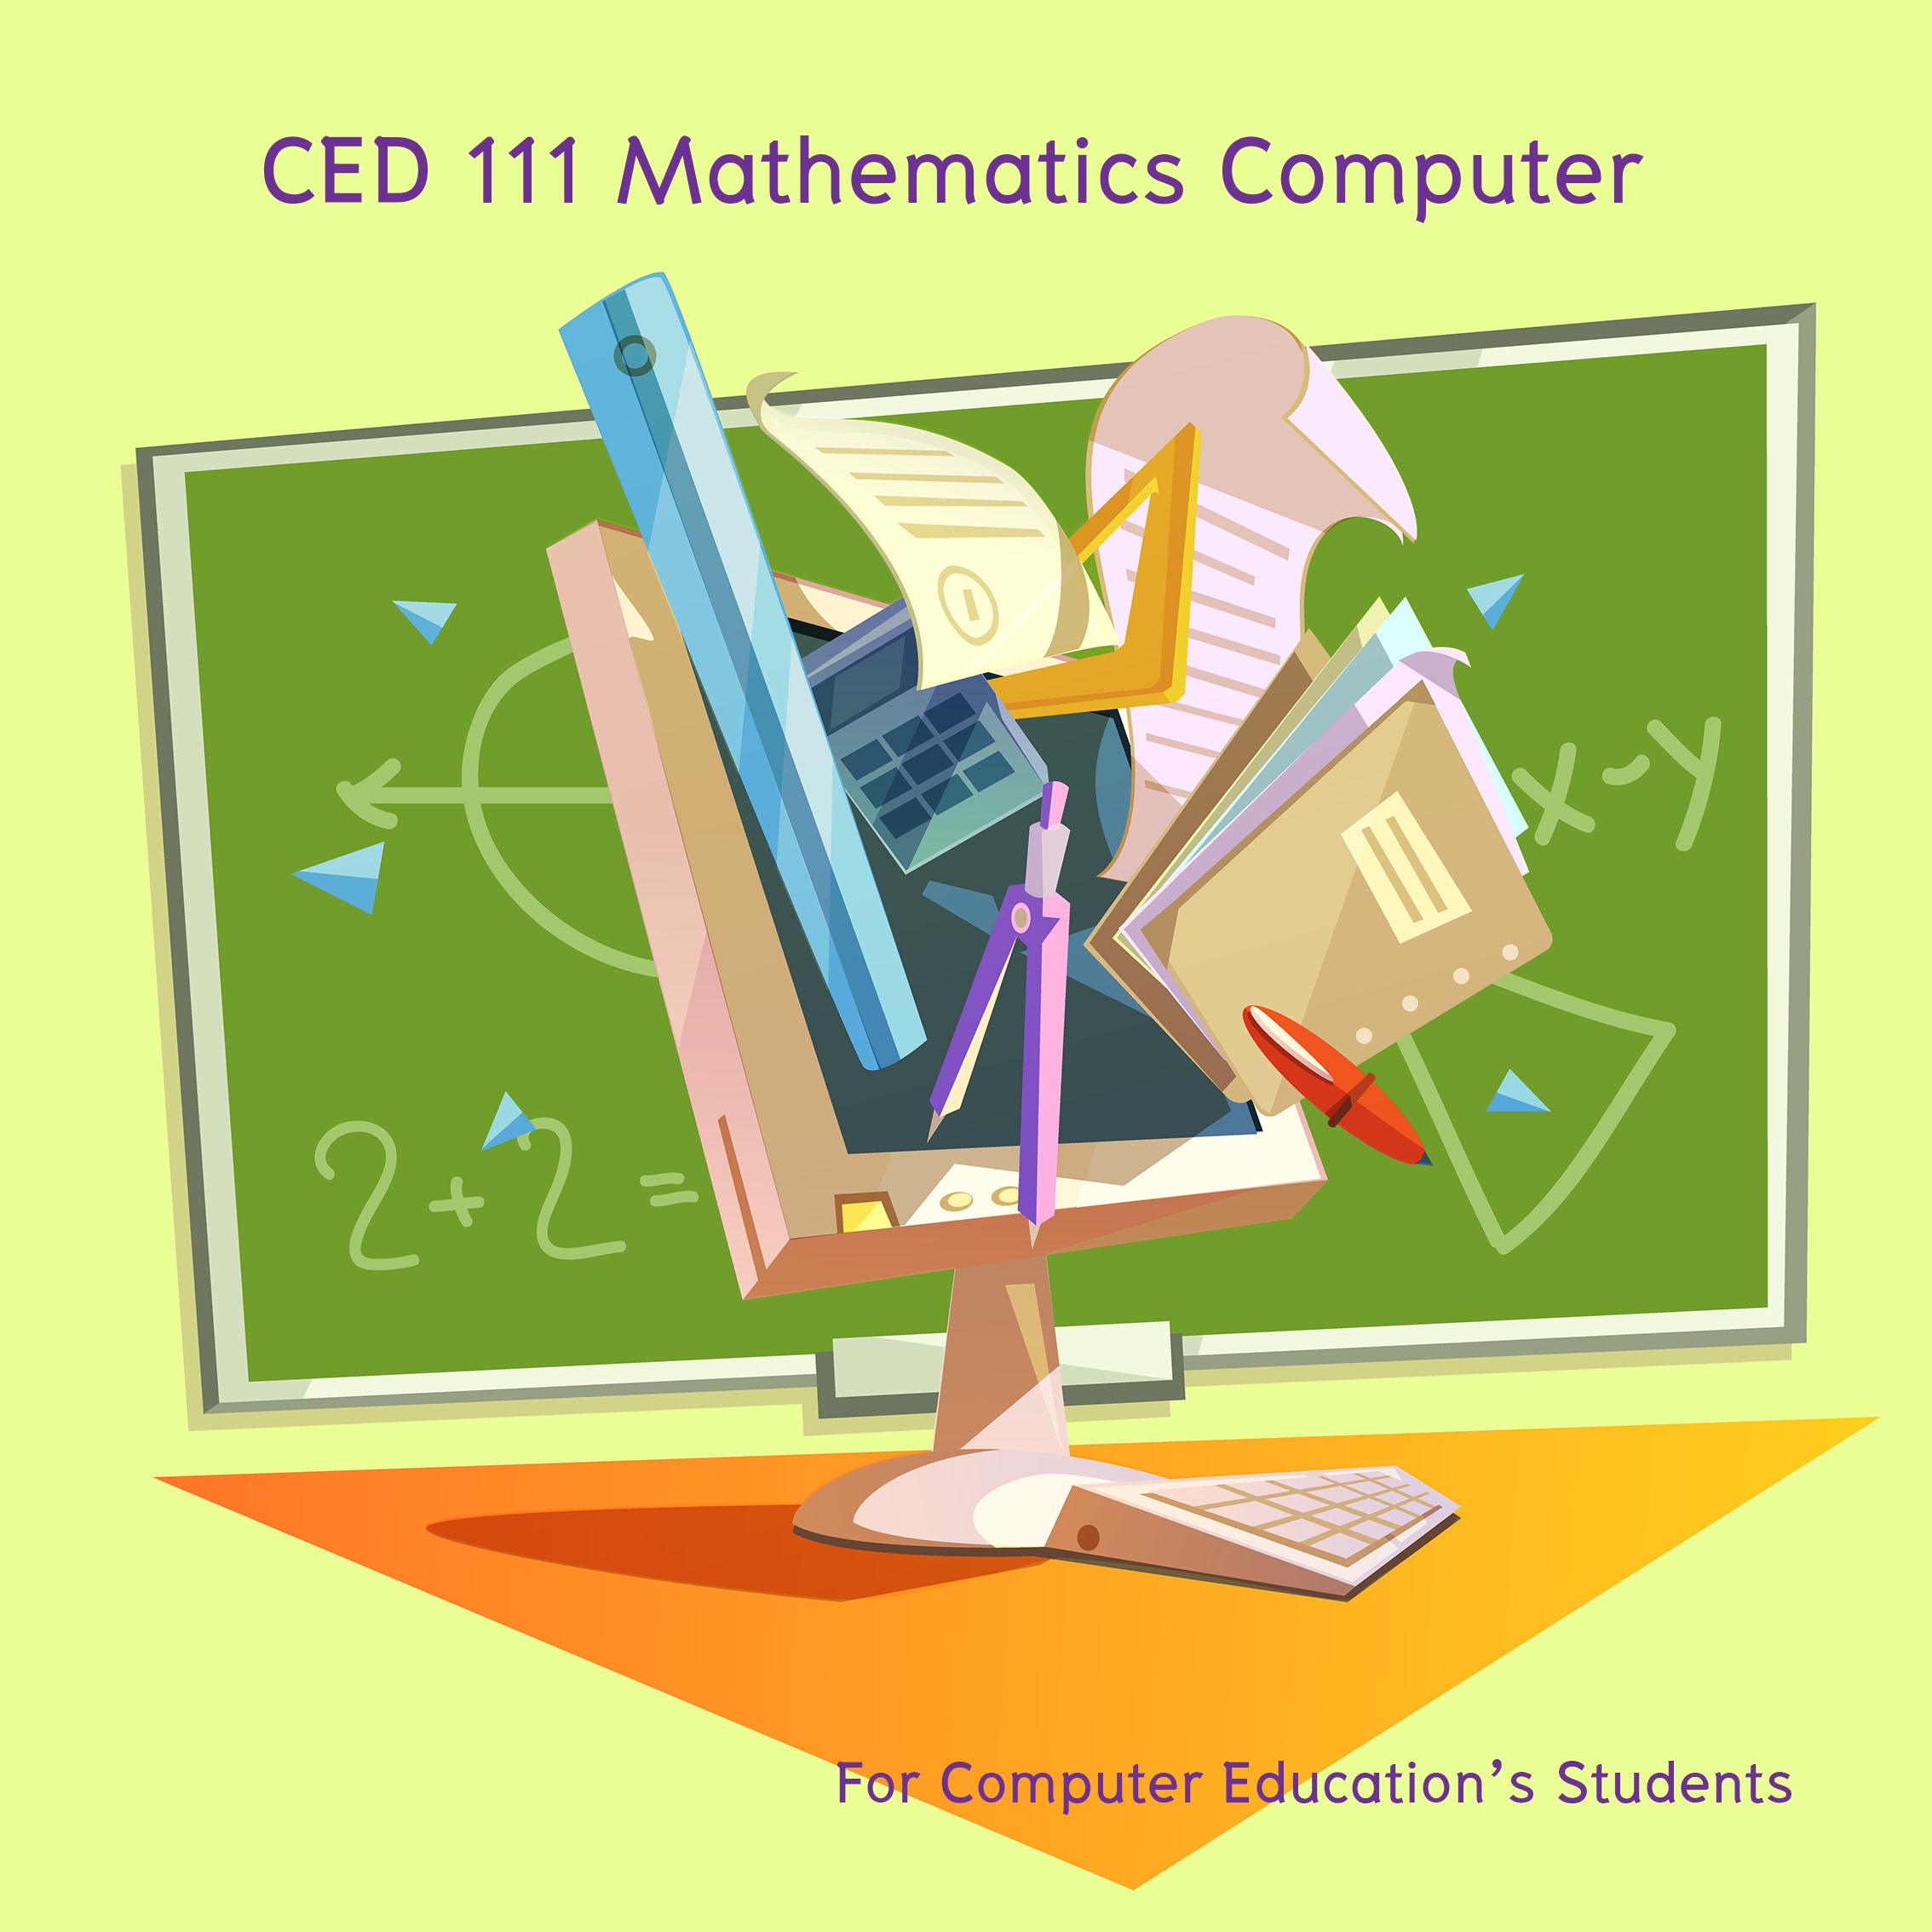 CED111 Mathematics Computer